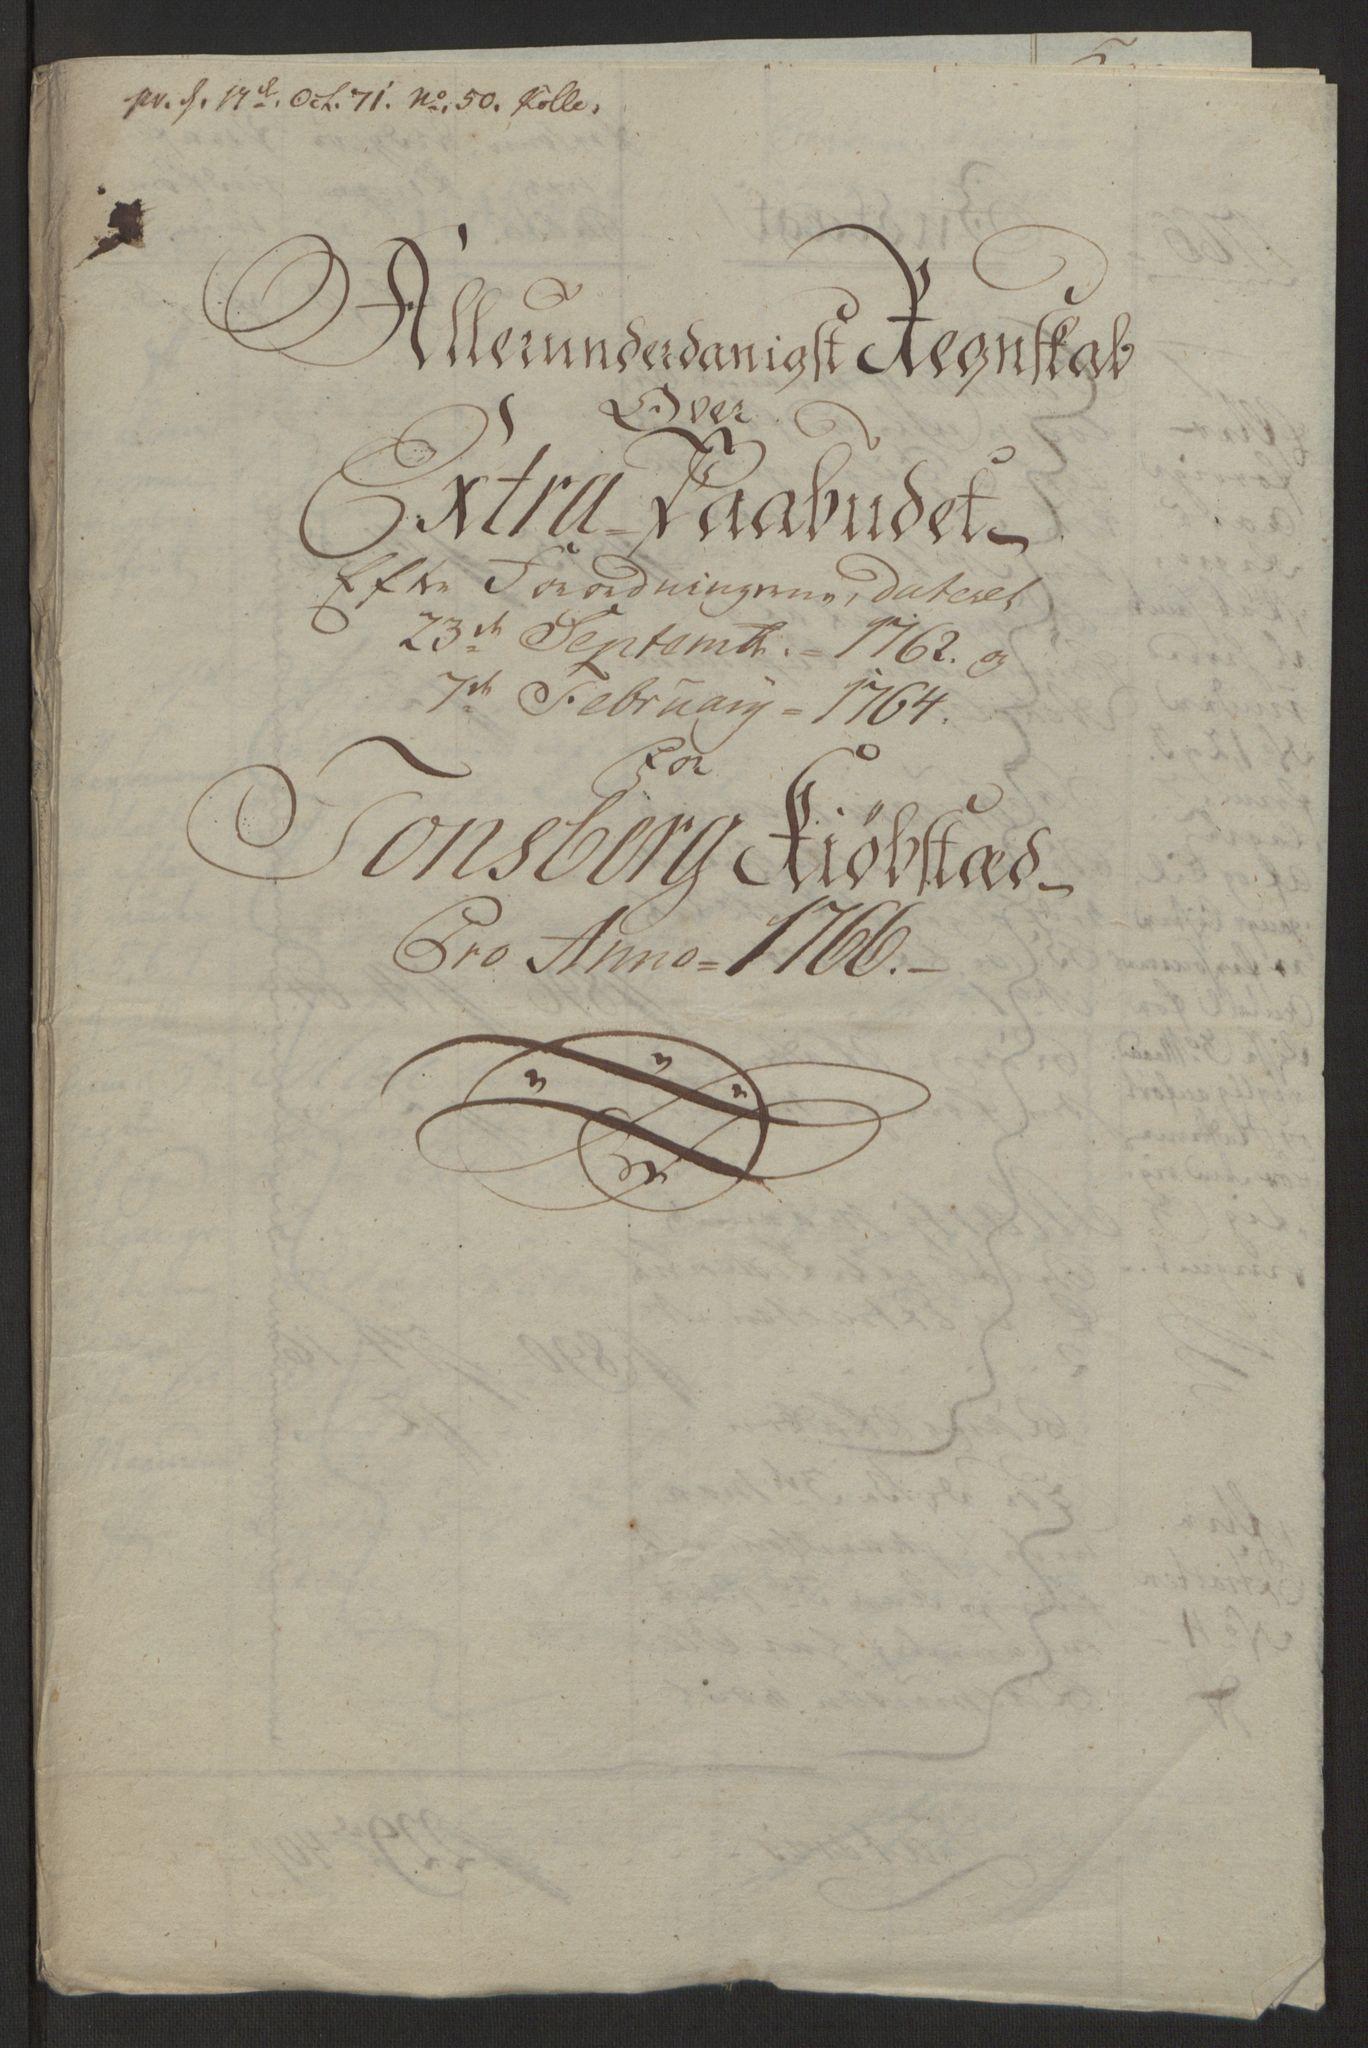 RA, Rentekammeret inntil 1814, Reviderte regnskaper, Byregnskaper, R/Rh/L0162: [H4] Kontribusjonsregnskap, 1762-1772, s. 245